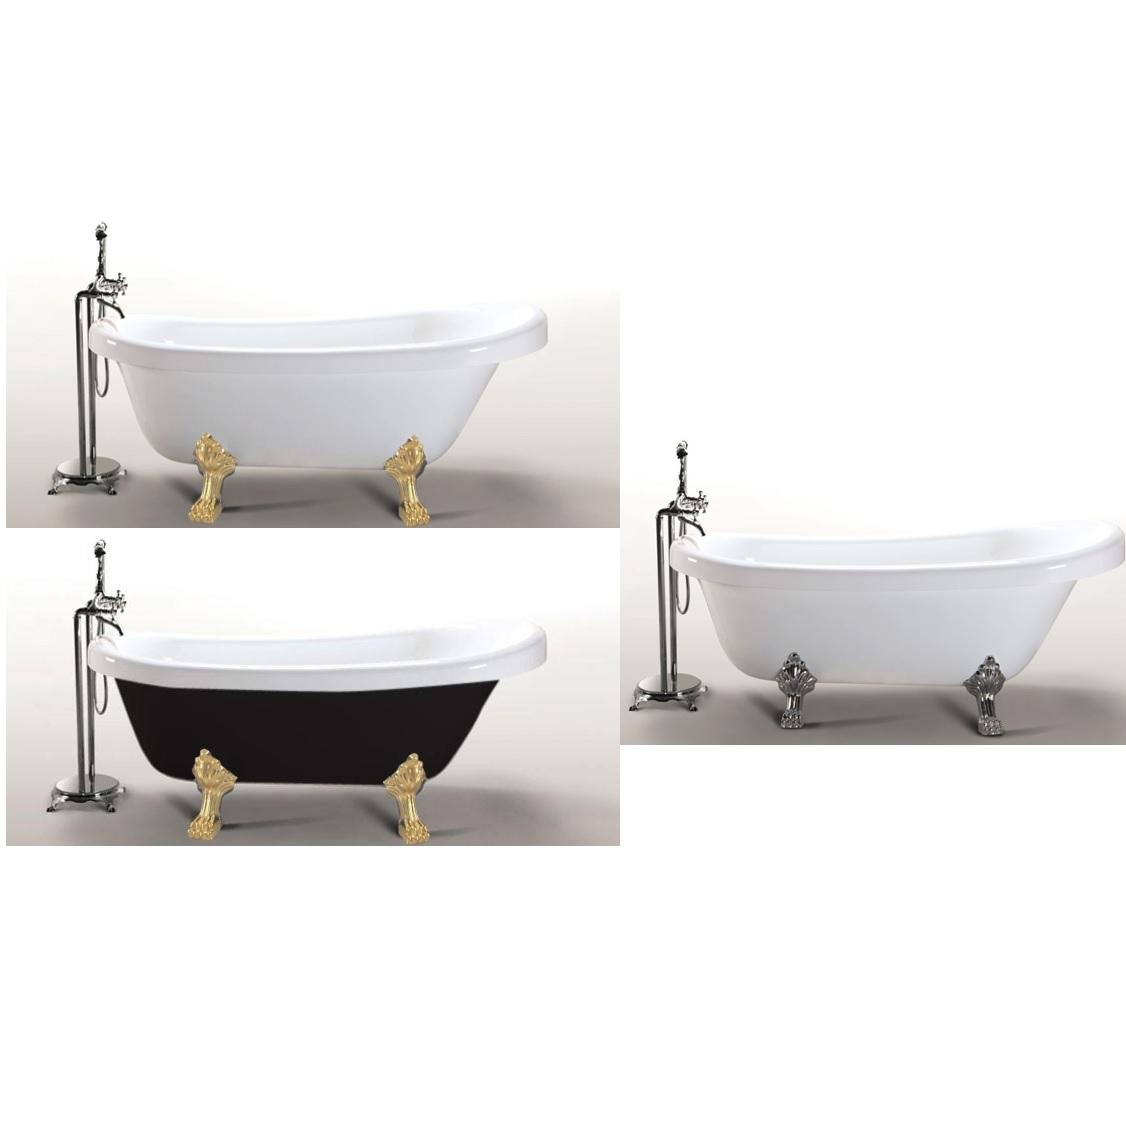 Vasca tradizionale da bagno stile classico retr 170x80 in - Vasca da bagno retro ...